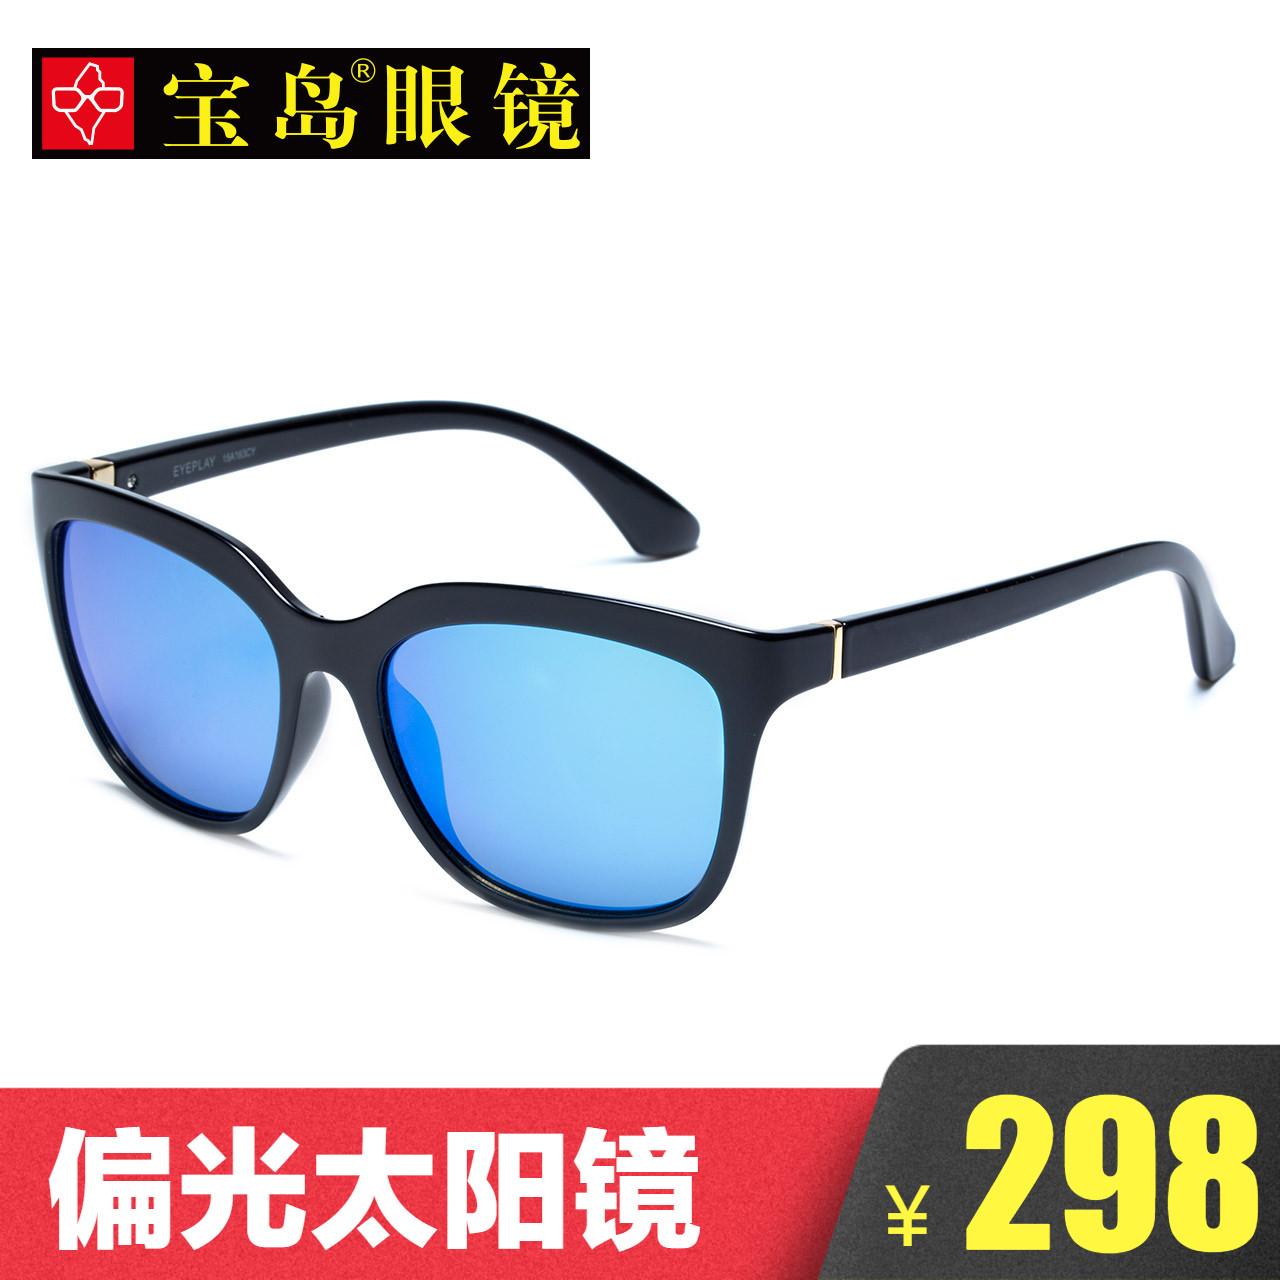 目戏眼镜 偏光太阳镜男女潮人时尚防紫外线遮阳司机驾驶镜墨镜